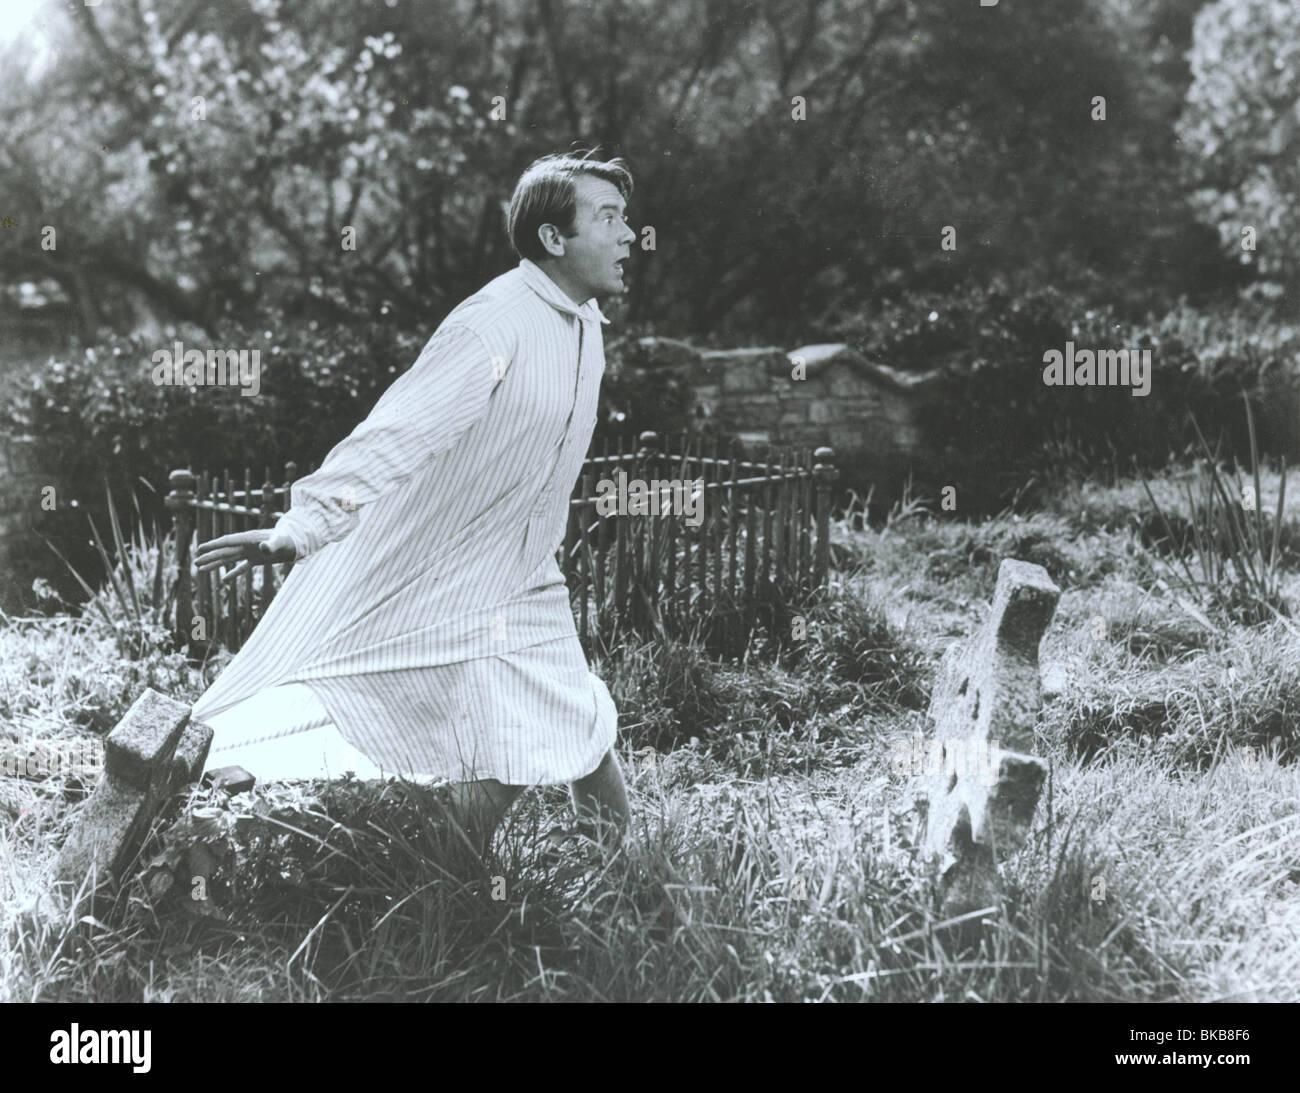 La HISTORIA DEL SEÑOR POLLY (1949) JOHN MILLS HMP 003P Imagen De Stock